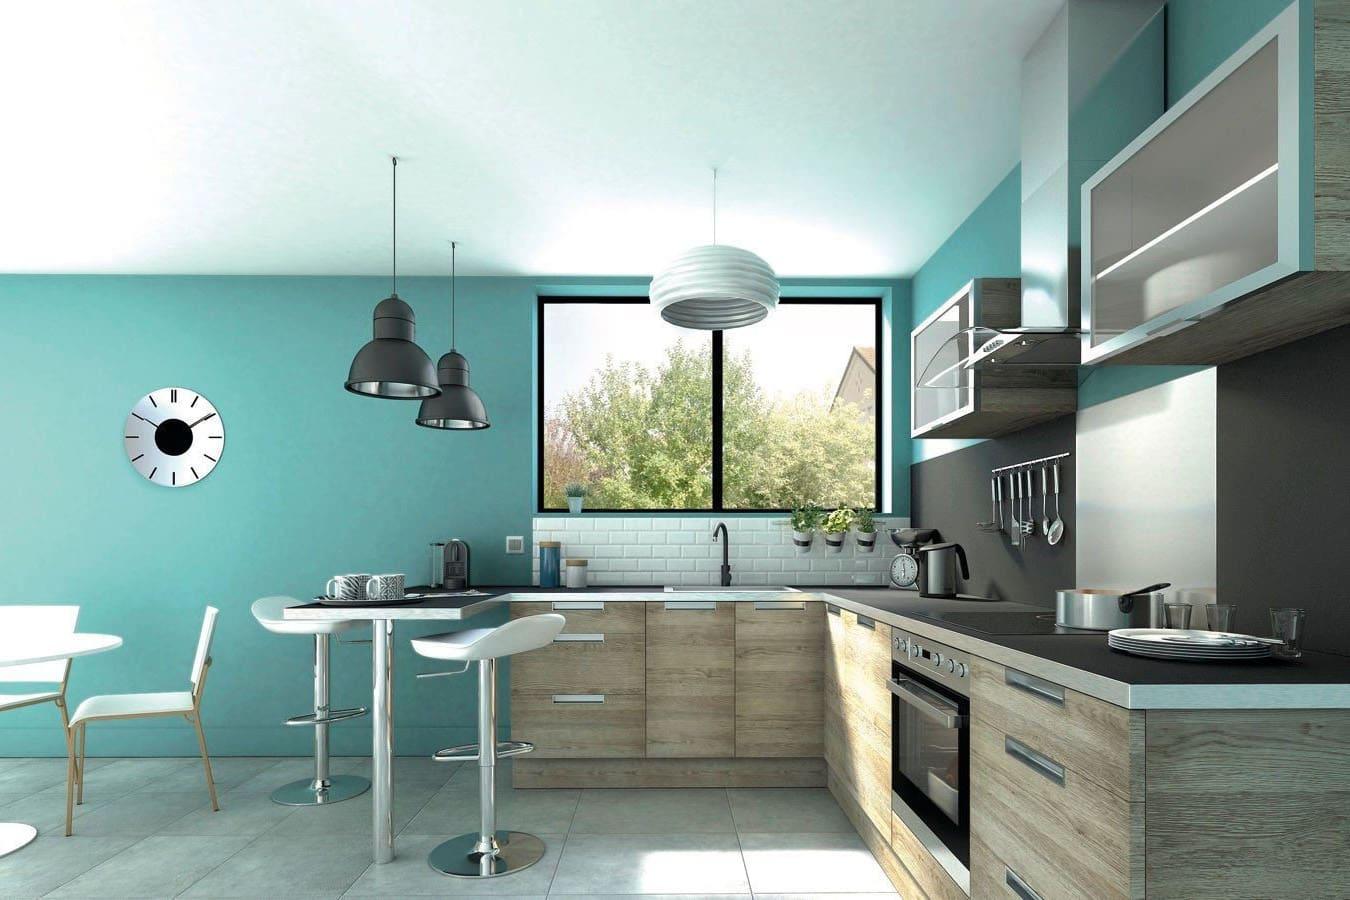 Choix De Peinture Cuisine quelle couleur de peinture pour une cuisine en bois clair ?